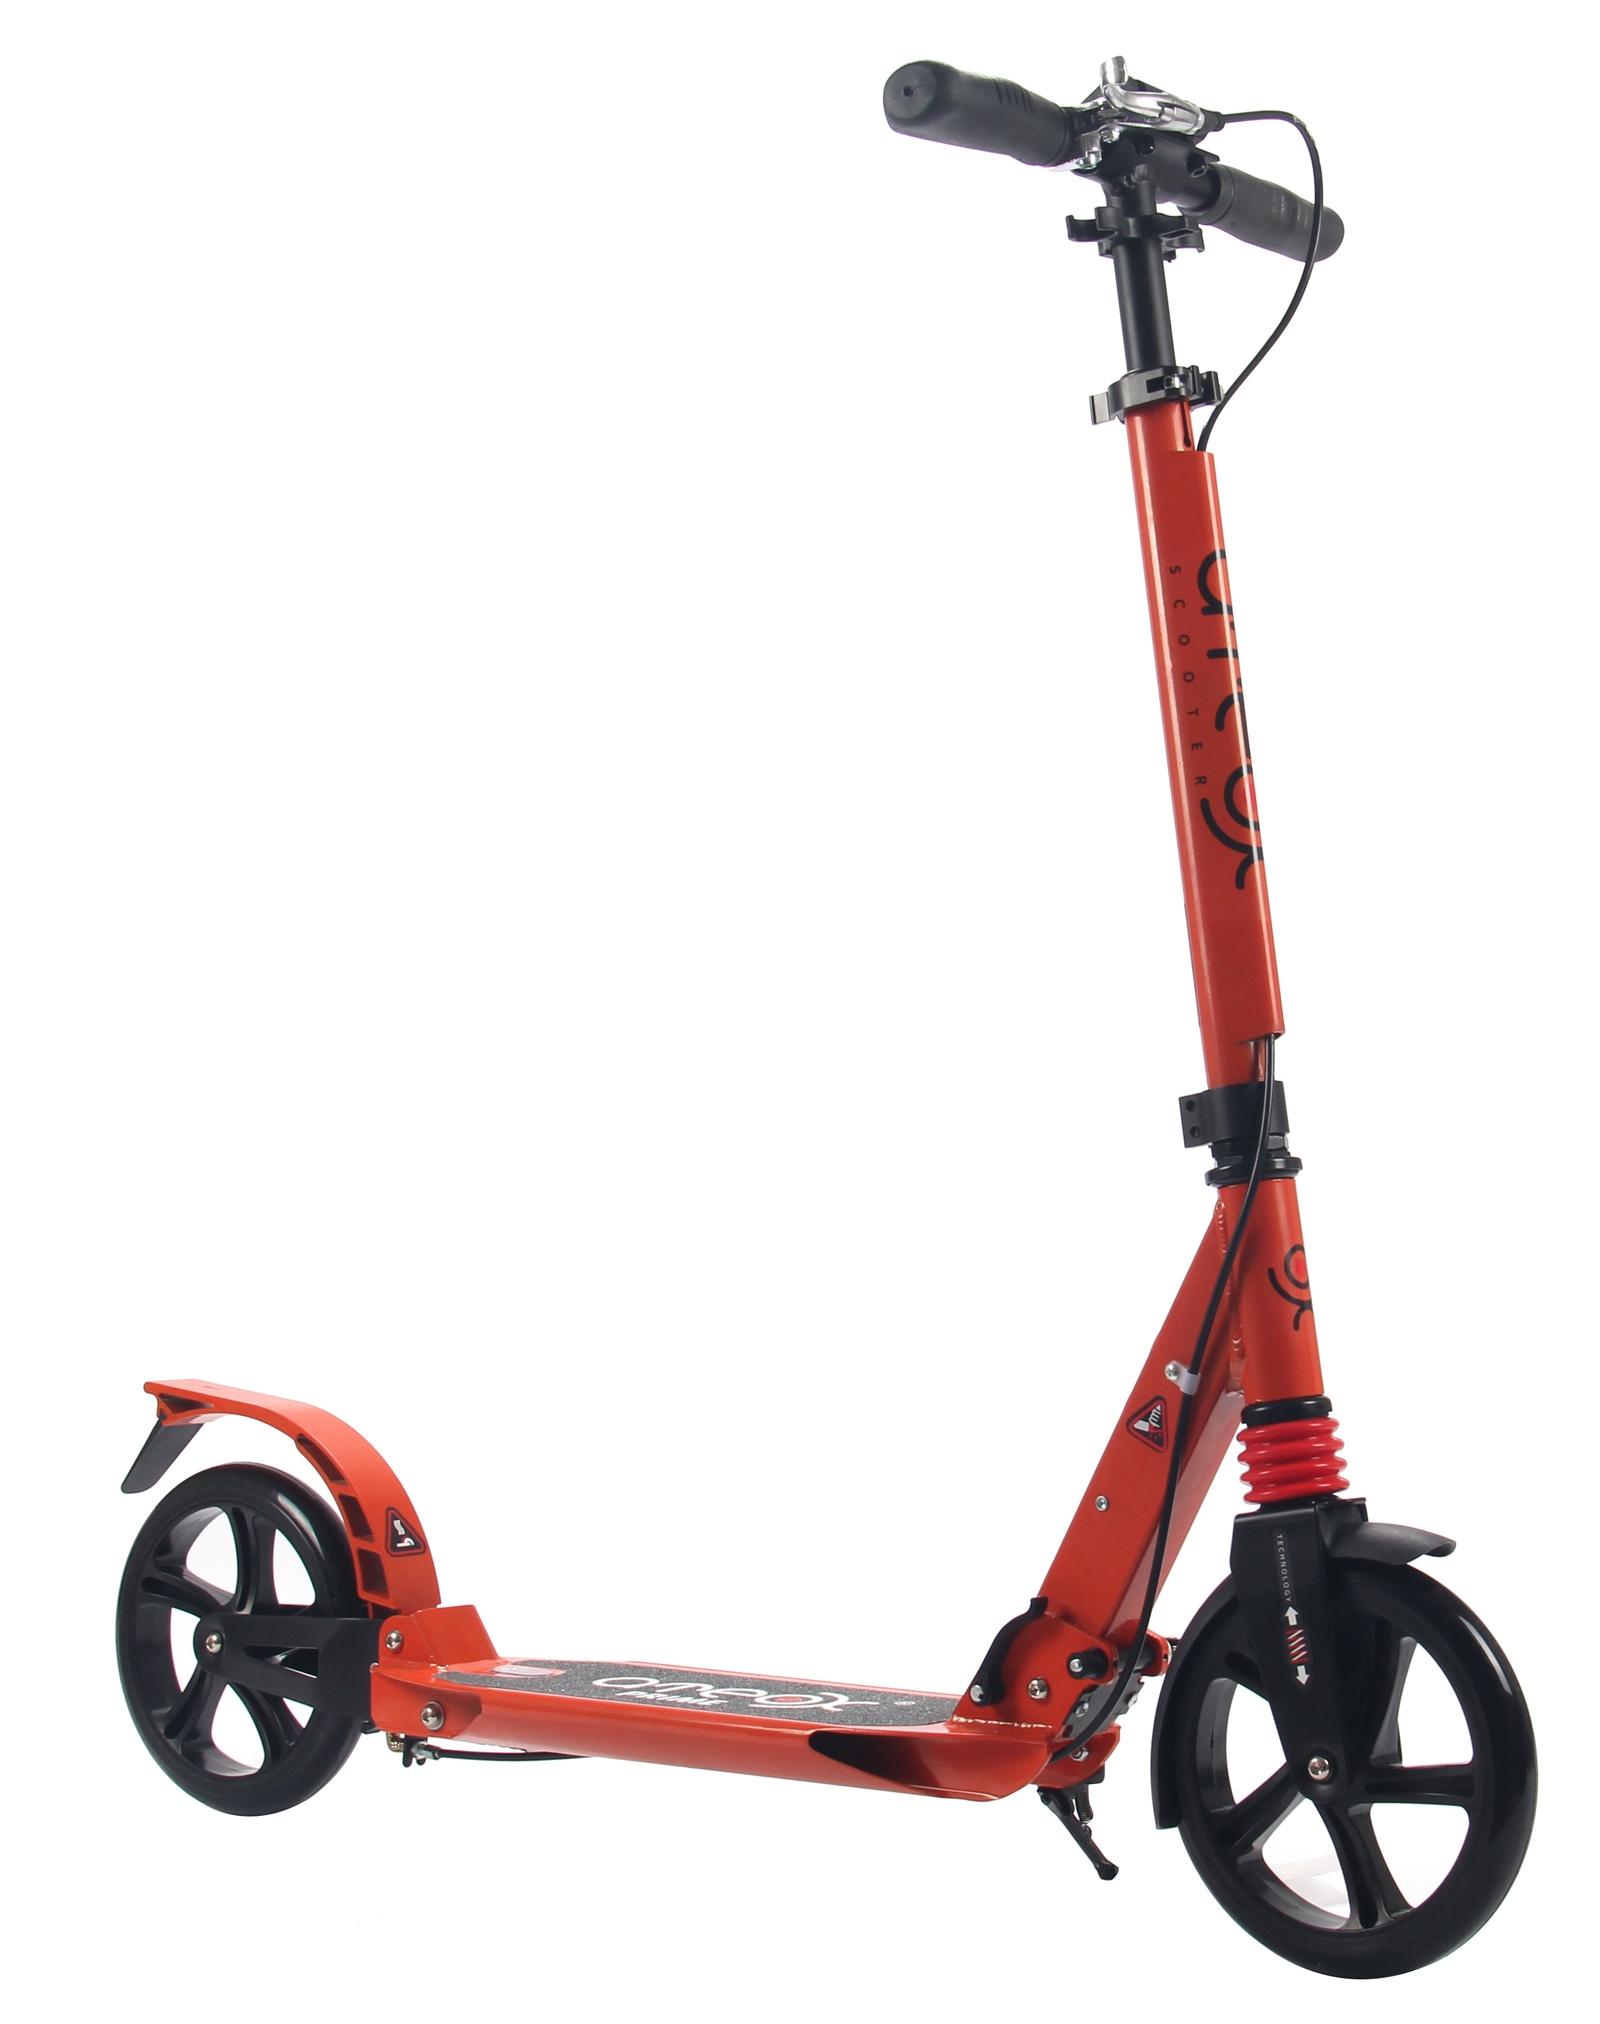 Самокат для взрослых Ateox PRIME с большими колесами и ручным тормозом (Оранжевый)